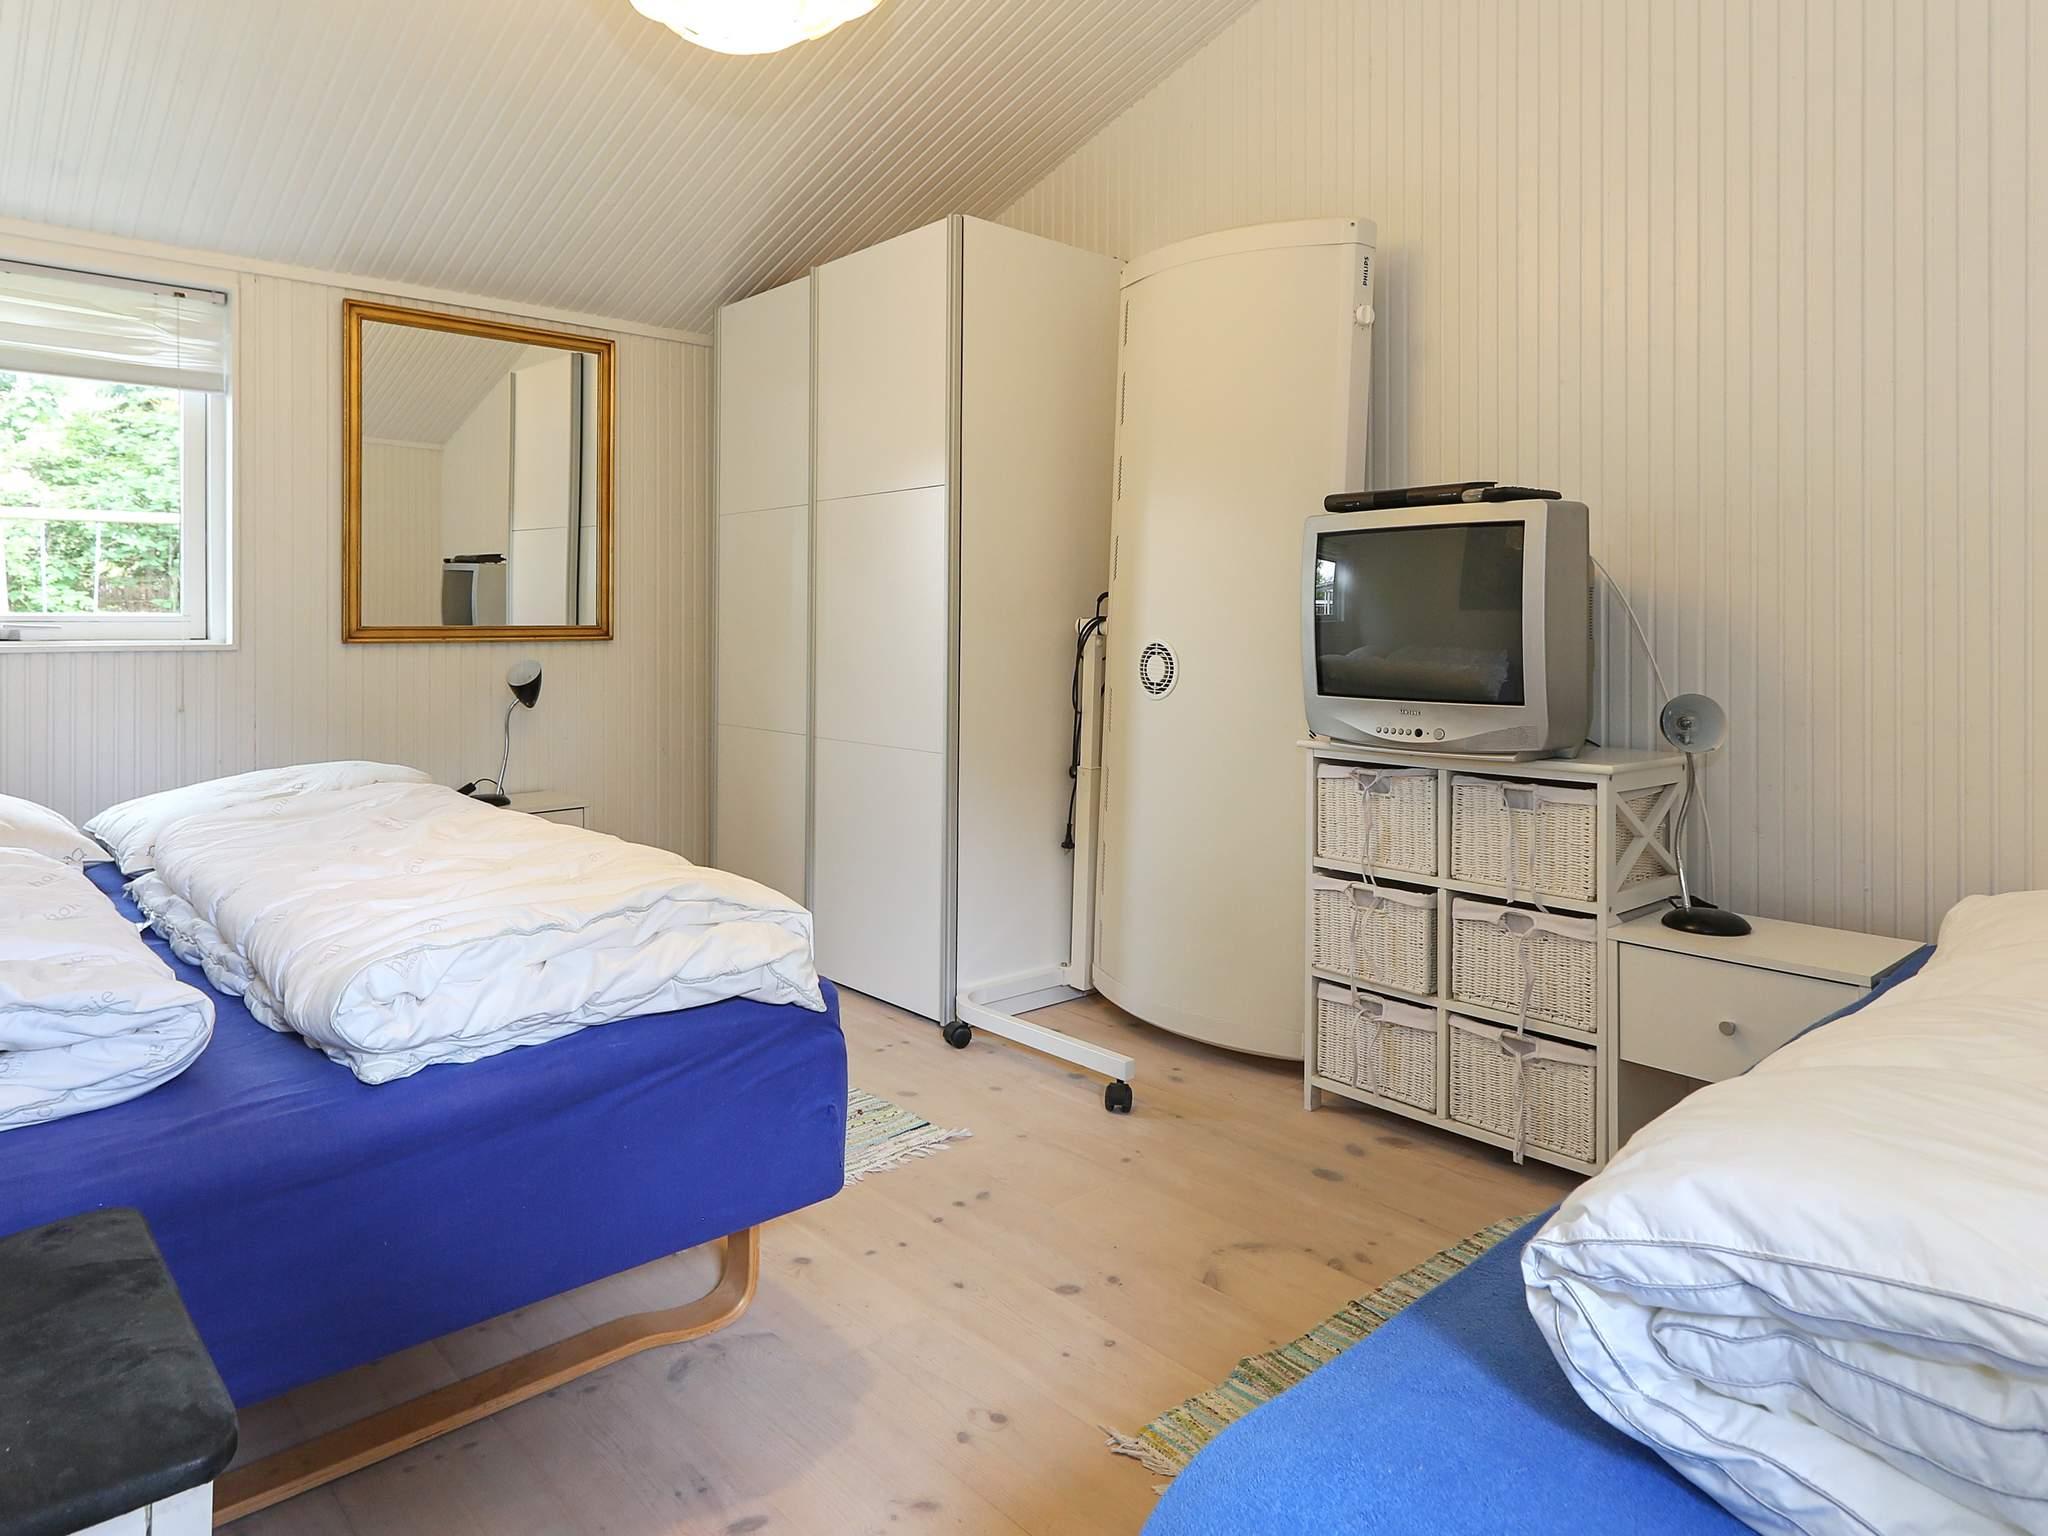 Ferienhaus Rågeleje (804324), Rågeleje, , Nordseeland, Dänemark, Bild 12